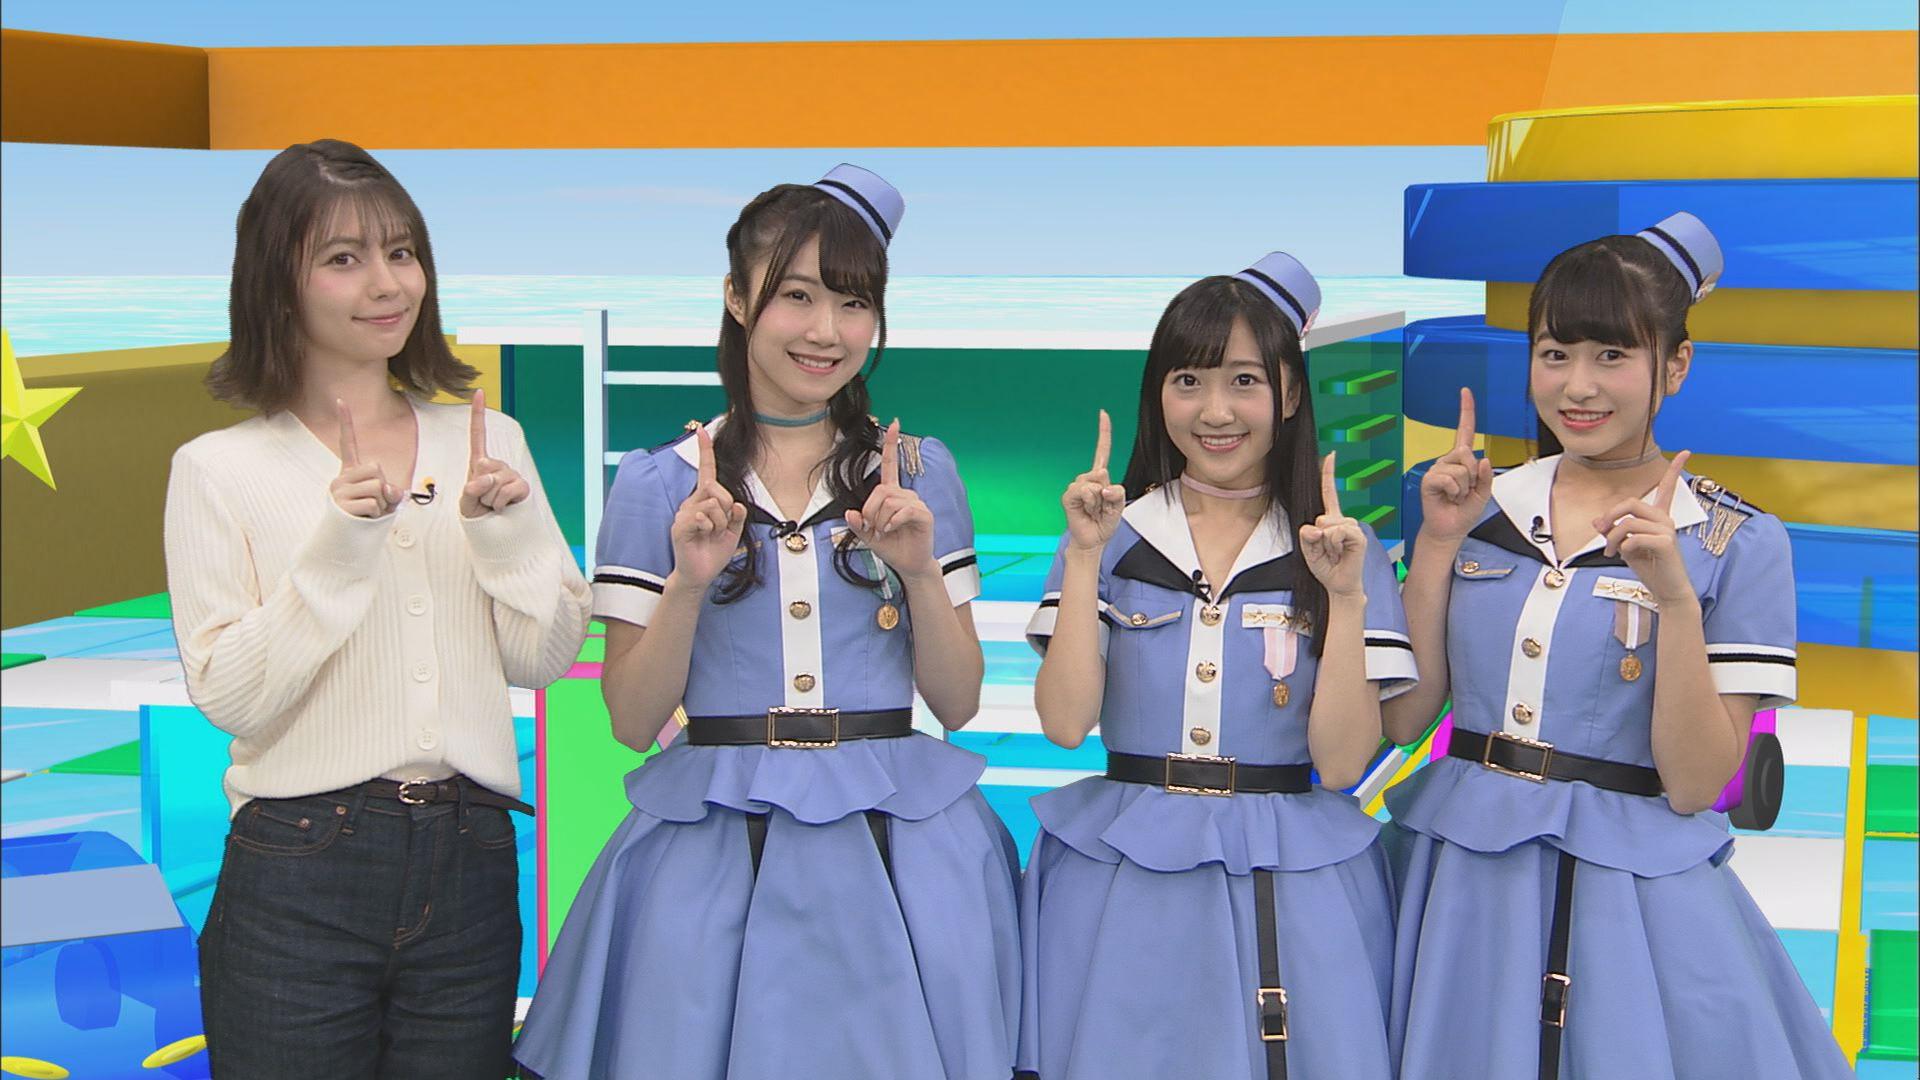 ゲスト:林鼓子、森嶋優花、厚木那奈美 第170回